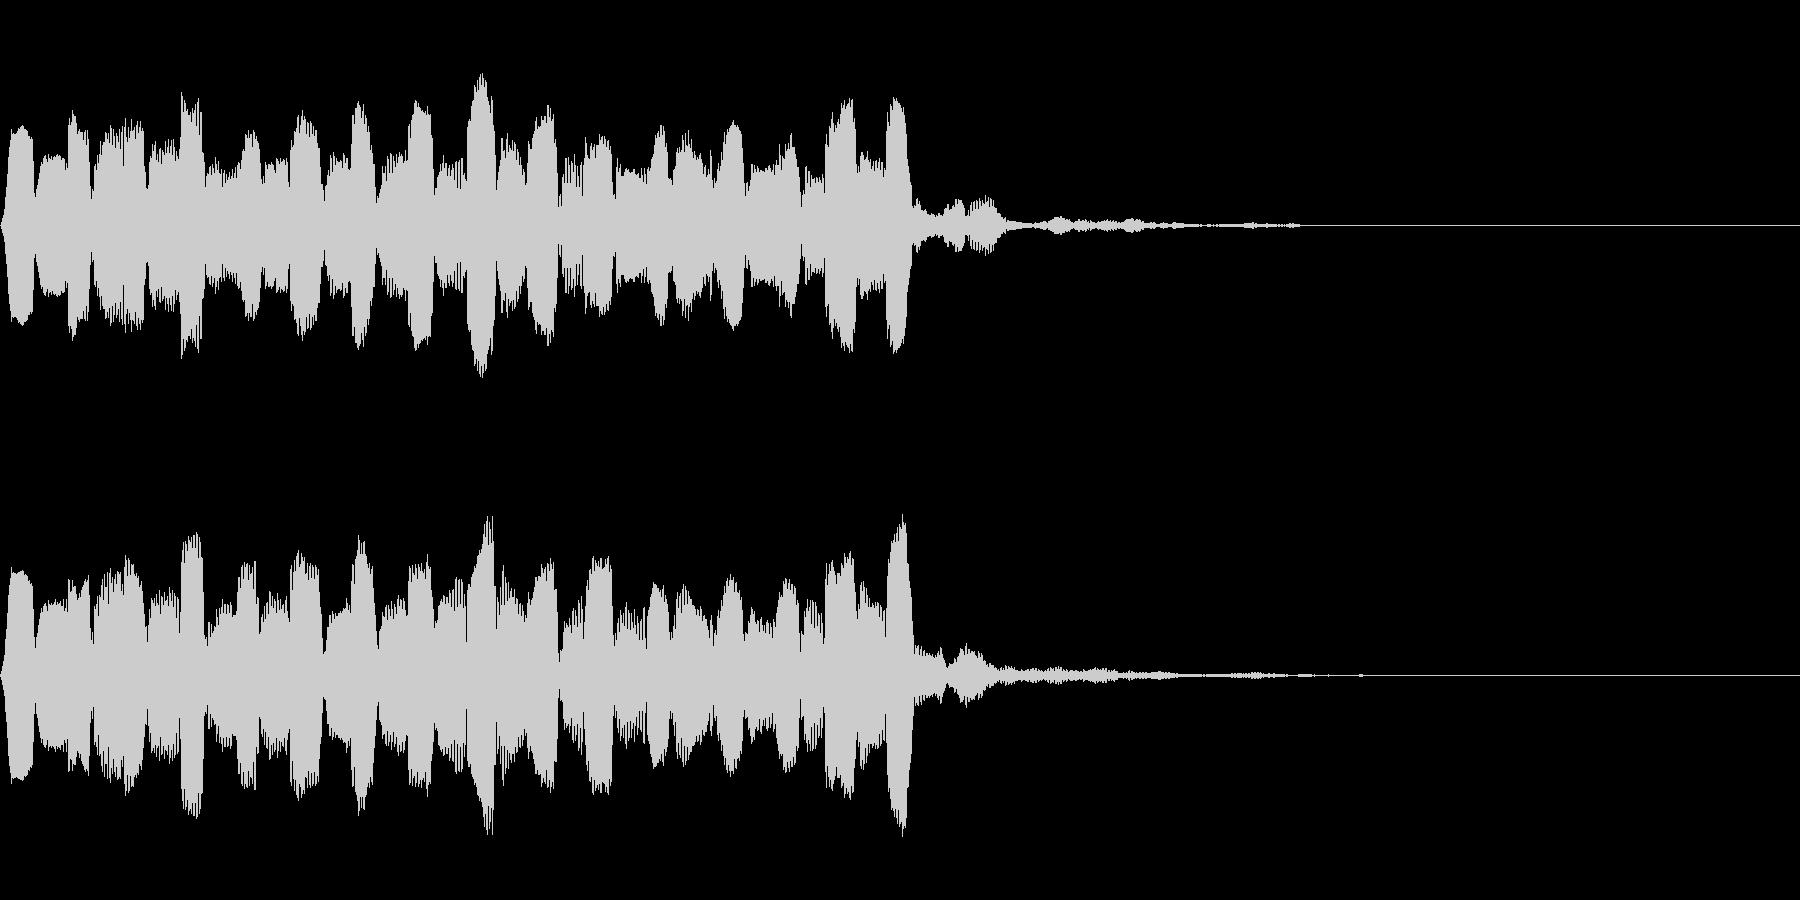 高音でやわらかいピヨピヨした音の未再生の波形